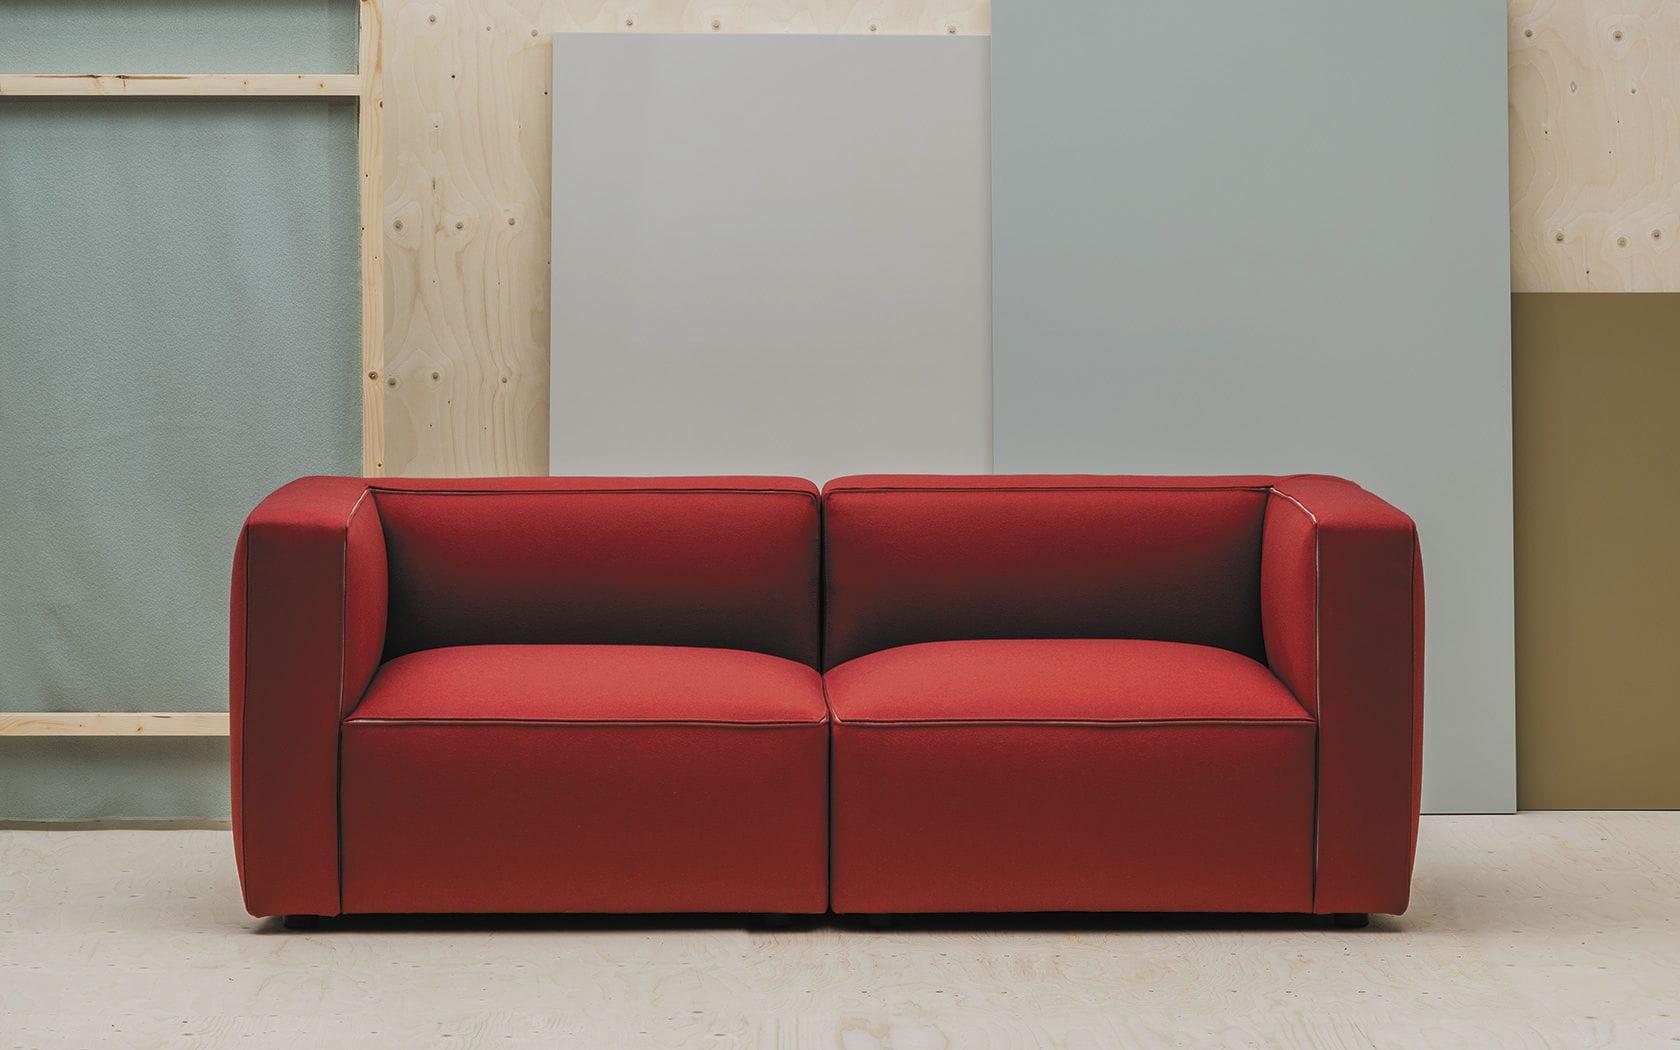 Incredible Modular Sofa Contemporary Fabric Commercial Dado Creativecarmelina Interior Chair Design Creativecarmelinacom